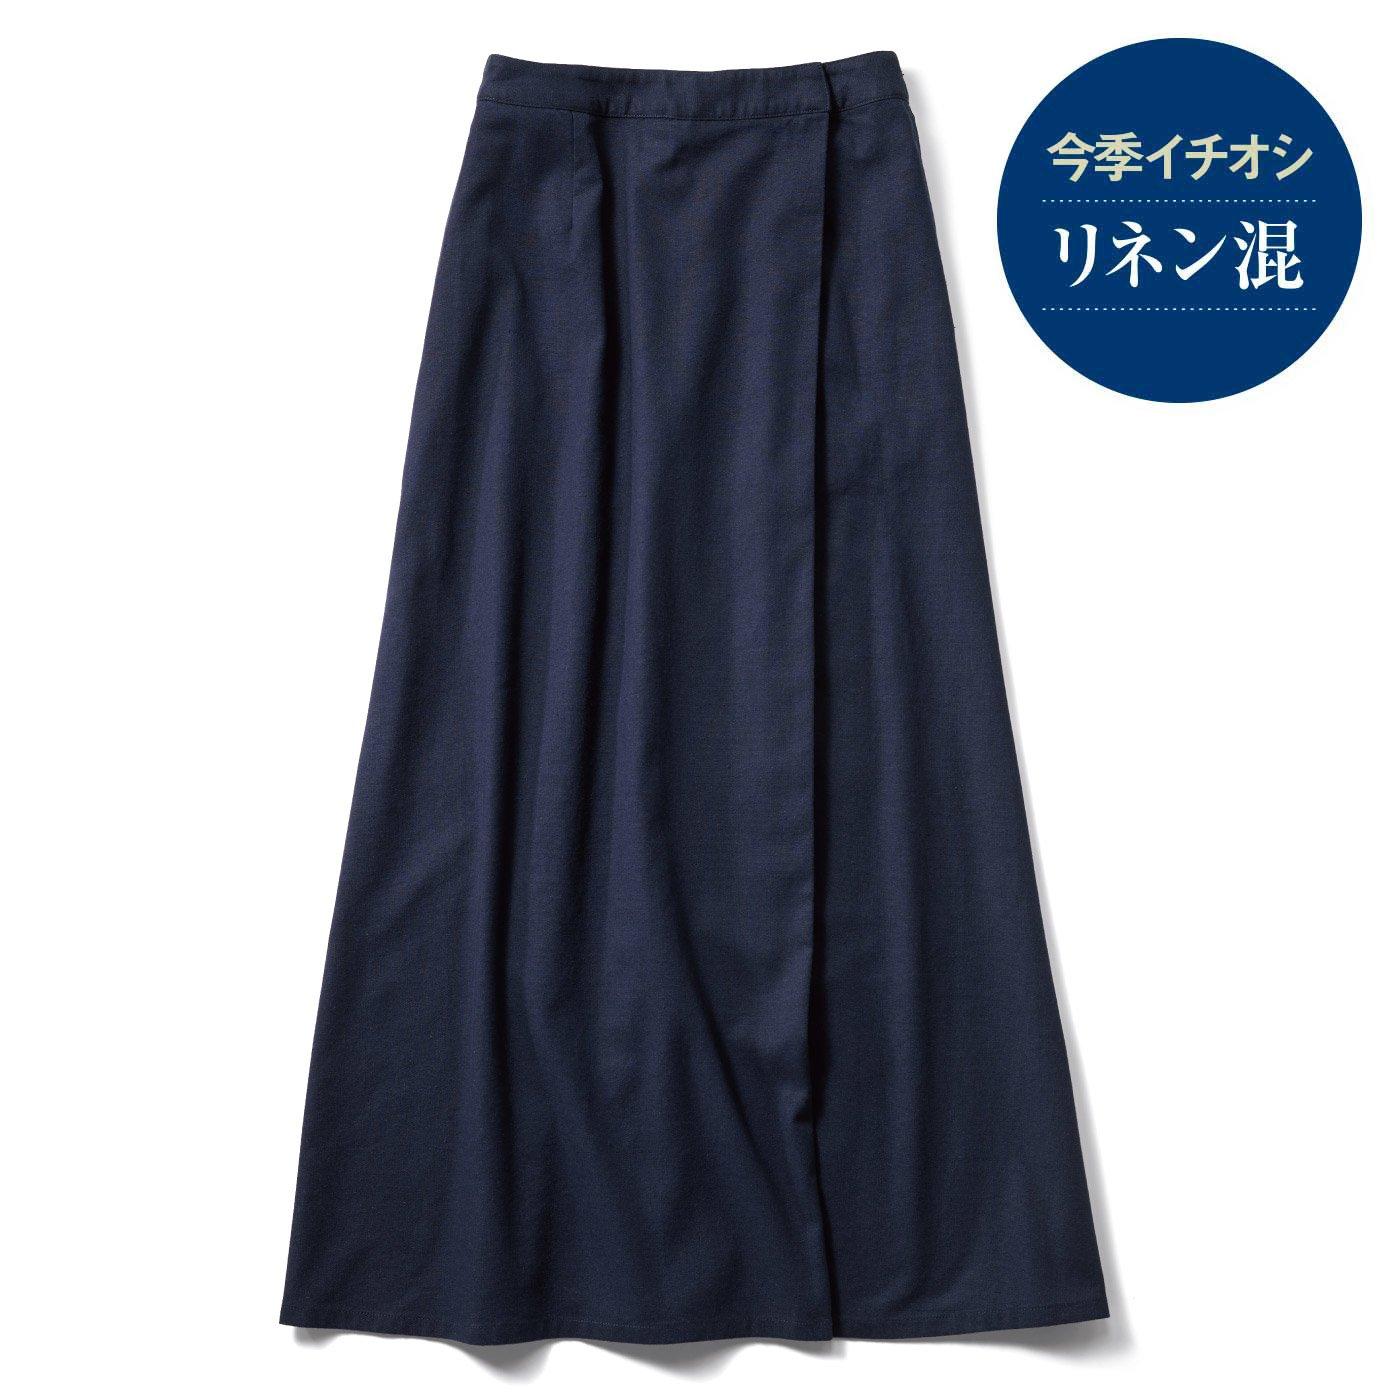 IEDIT[イディット] リネン混素材で上質にこなれる すっきりシルエットのラップ風Aラインロングスカート〈ネイビー〉